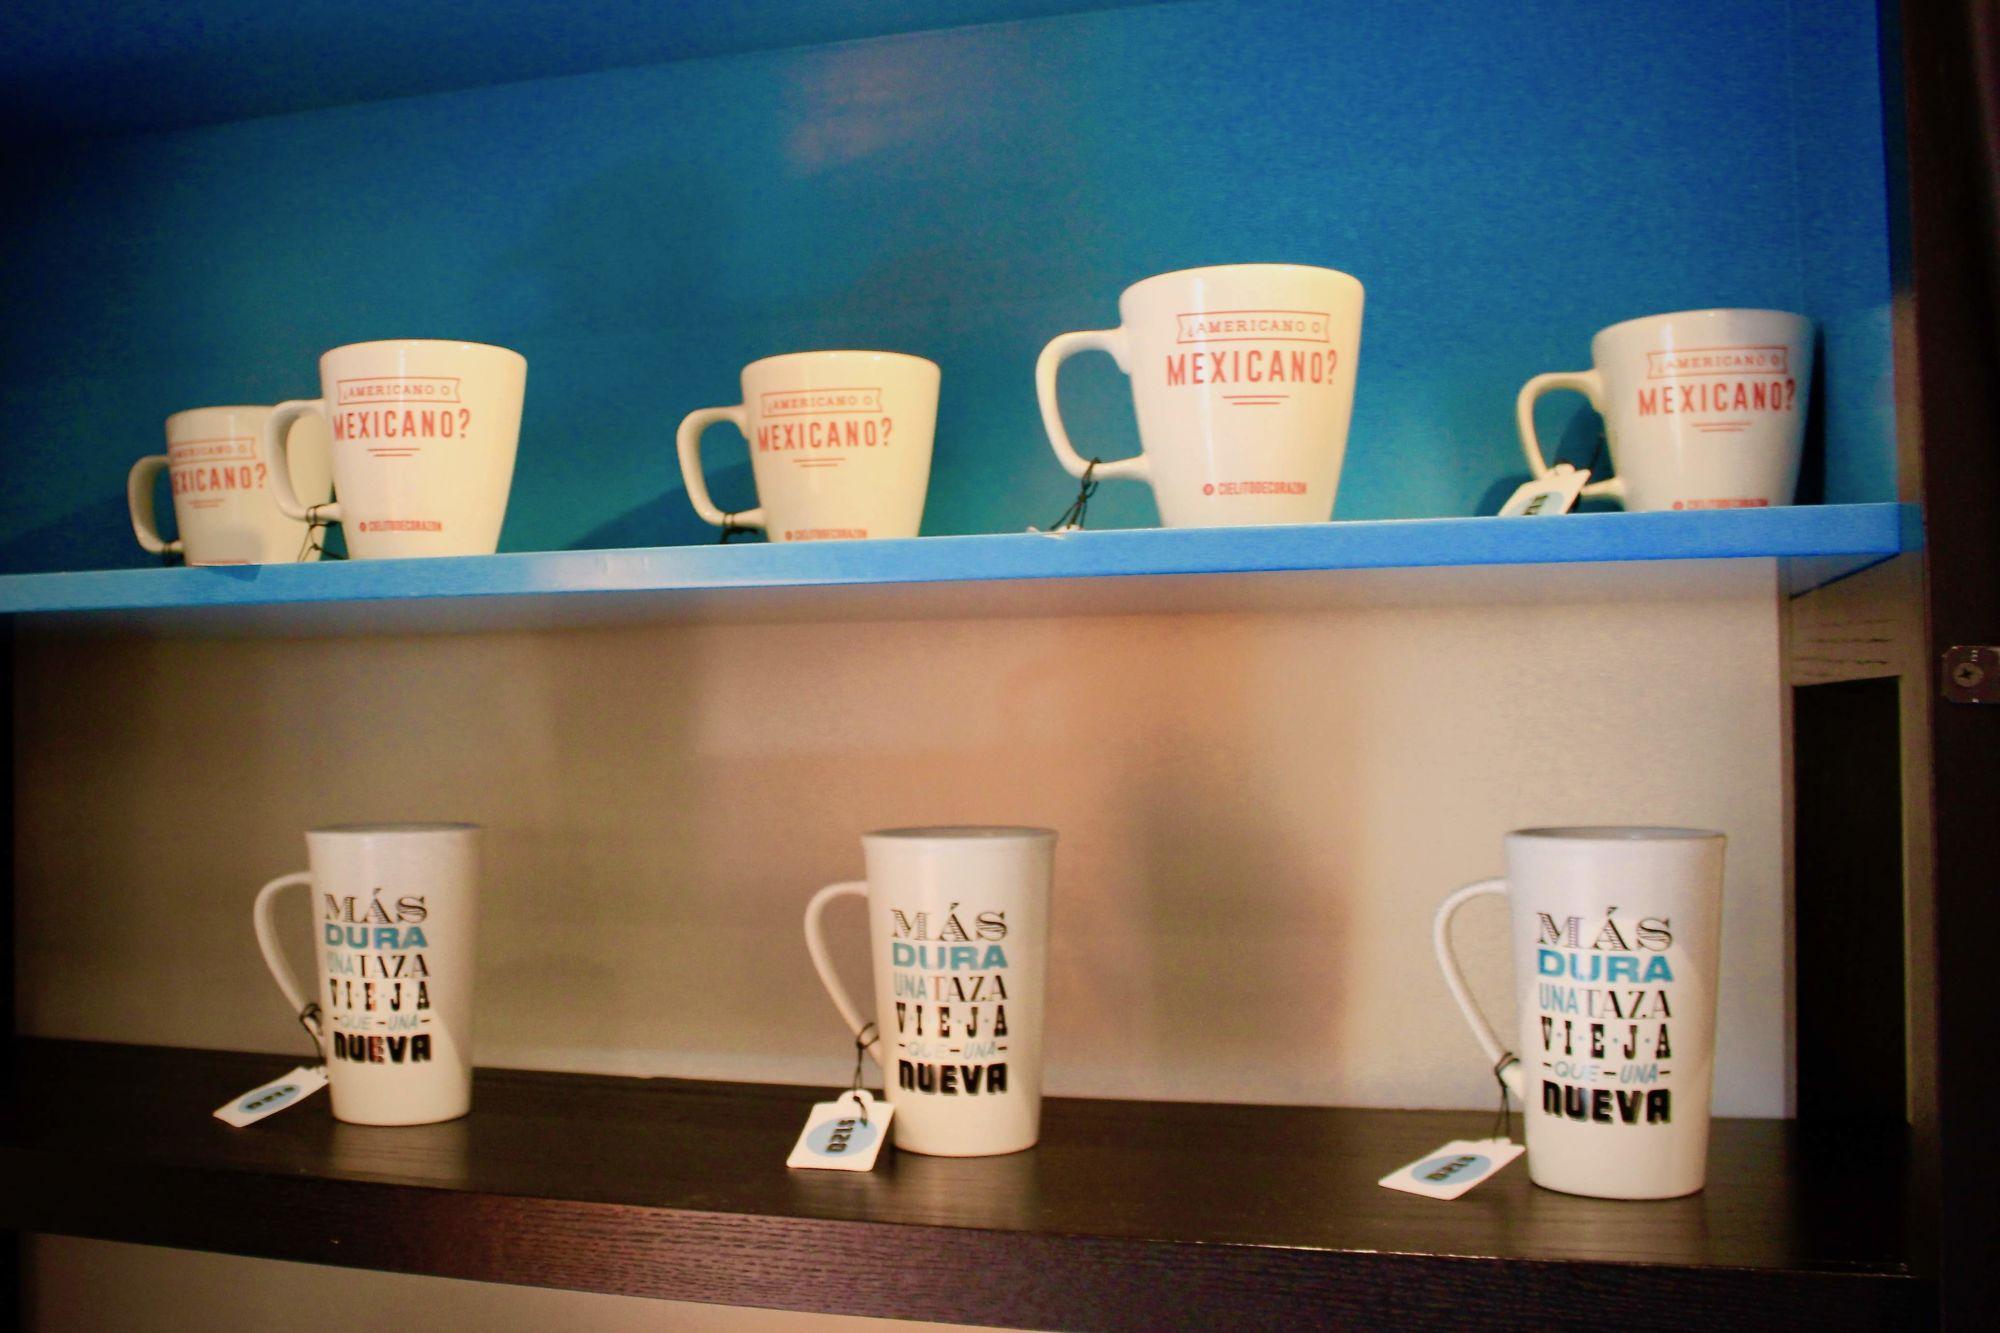 Cielito Querido Café: Je libo americano či mexicano?